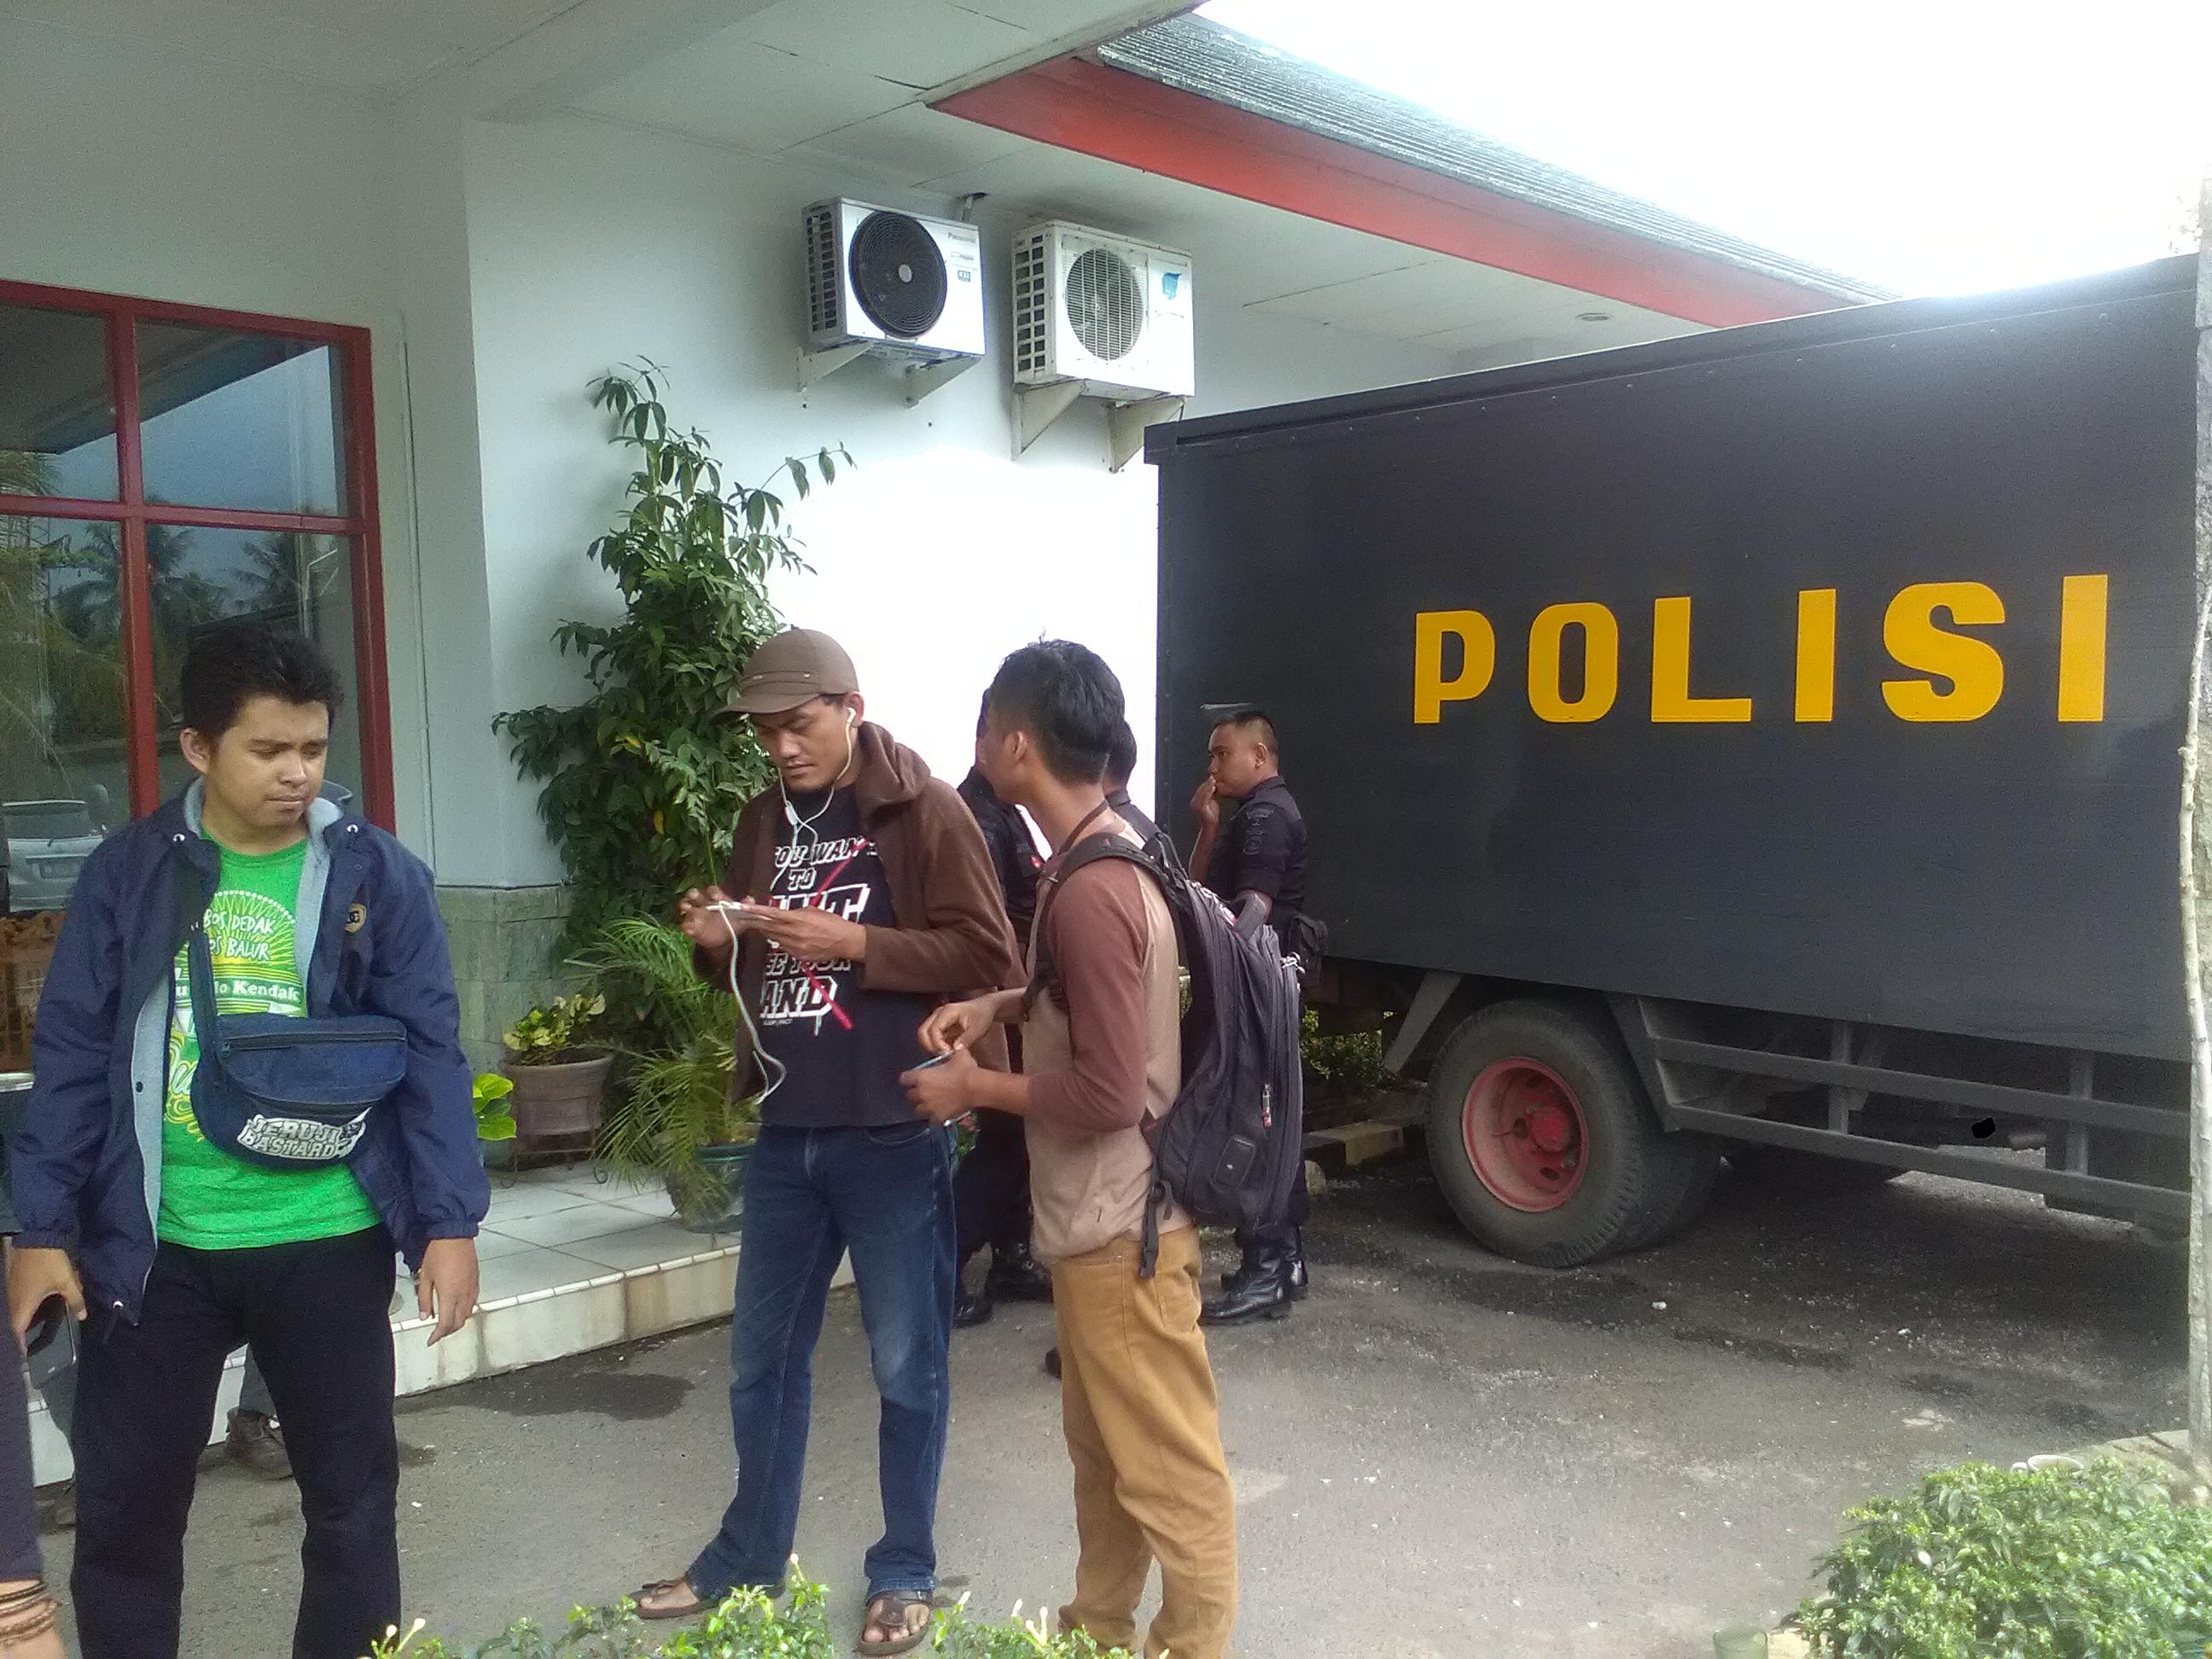 Polisi berjaga di kantor Lampung Post karena ada isu akan didatangi ratusan warga terkait pemberitaan. (Lampungnews/Adam)